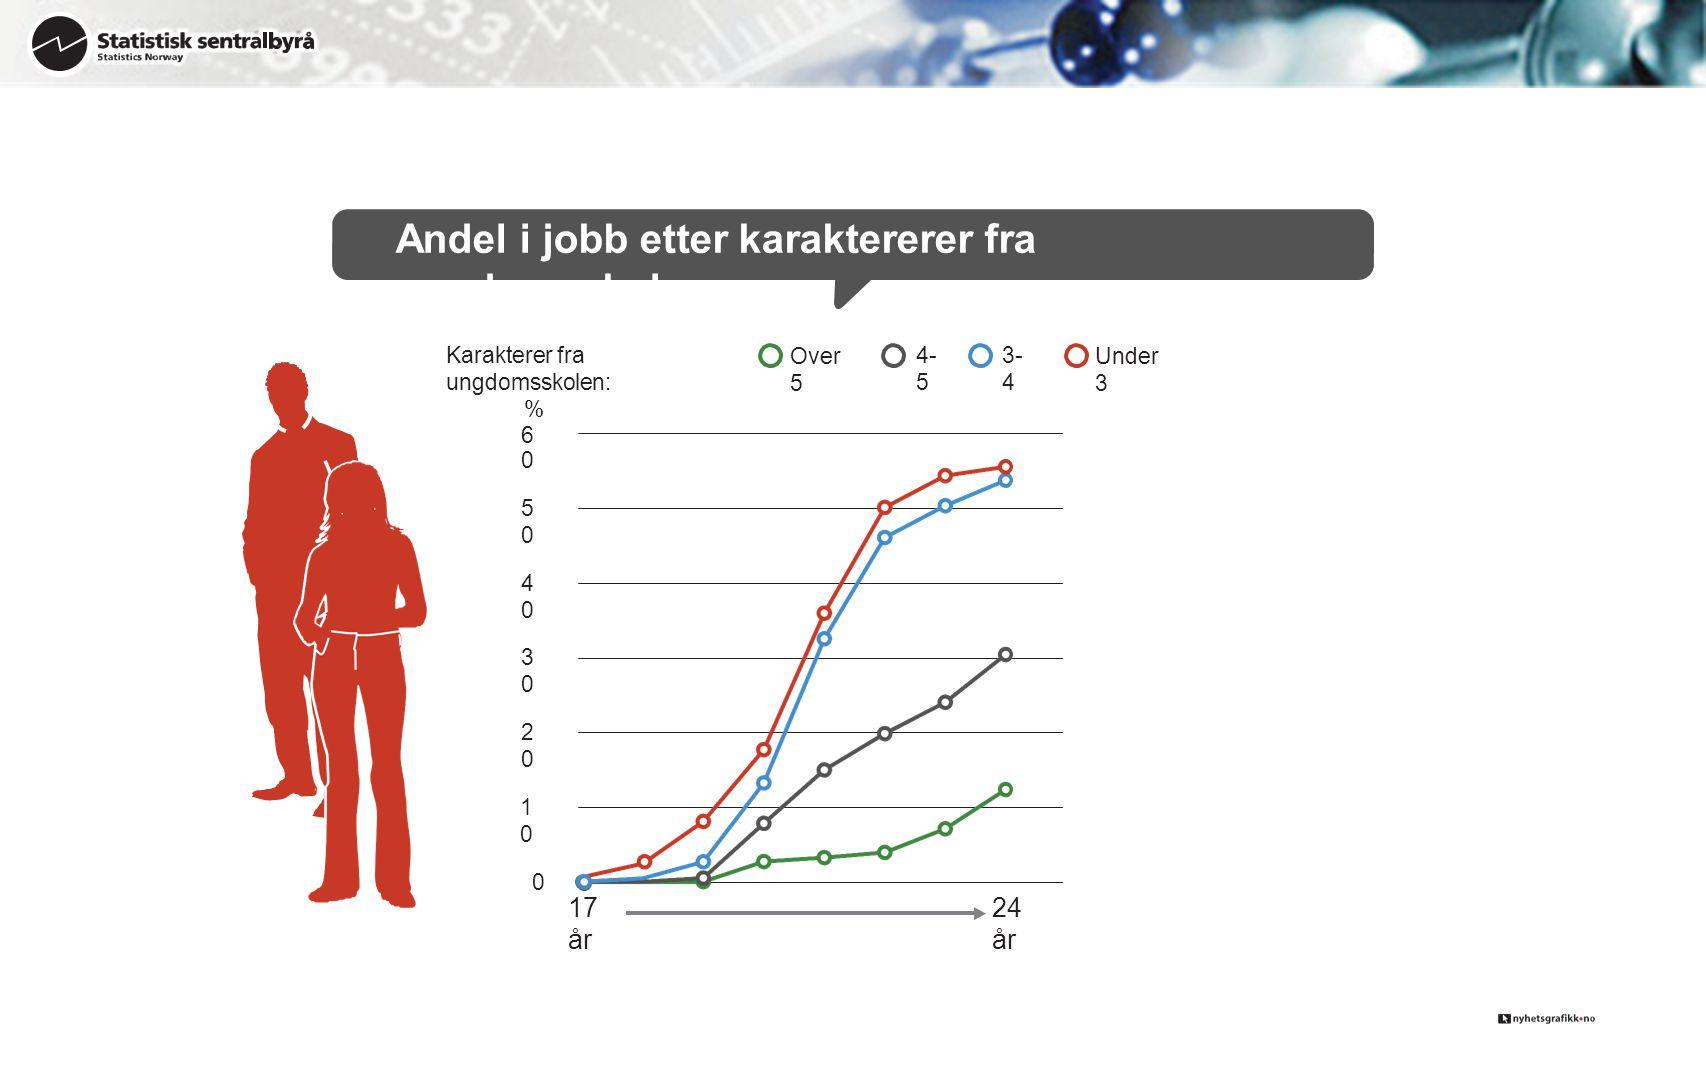 Andel i jobb etter karaktererer fra ungdomsskolen 0 1010 2020 3030 4040 5050 %60%60 24 år 17 år Karakterer fra ungdomsskolen: Over5Over5 4- 5 3- 4 Under 3